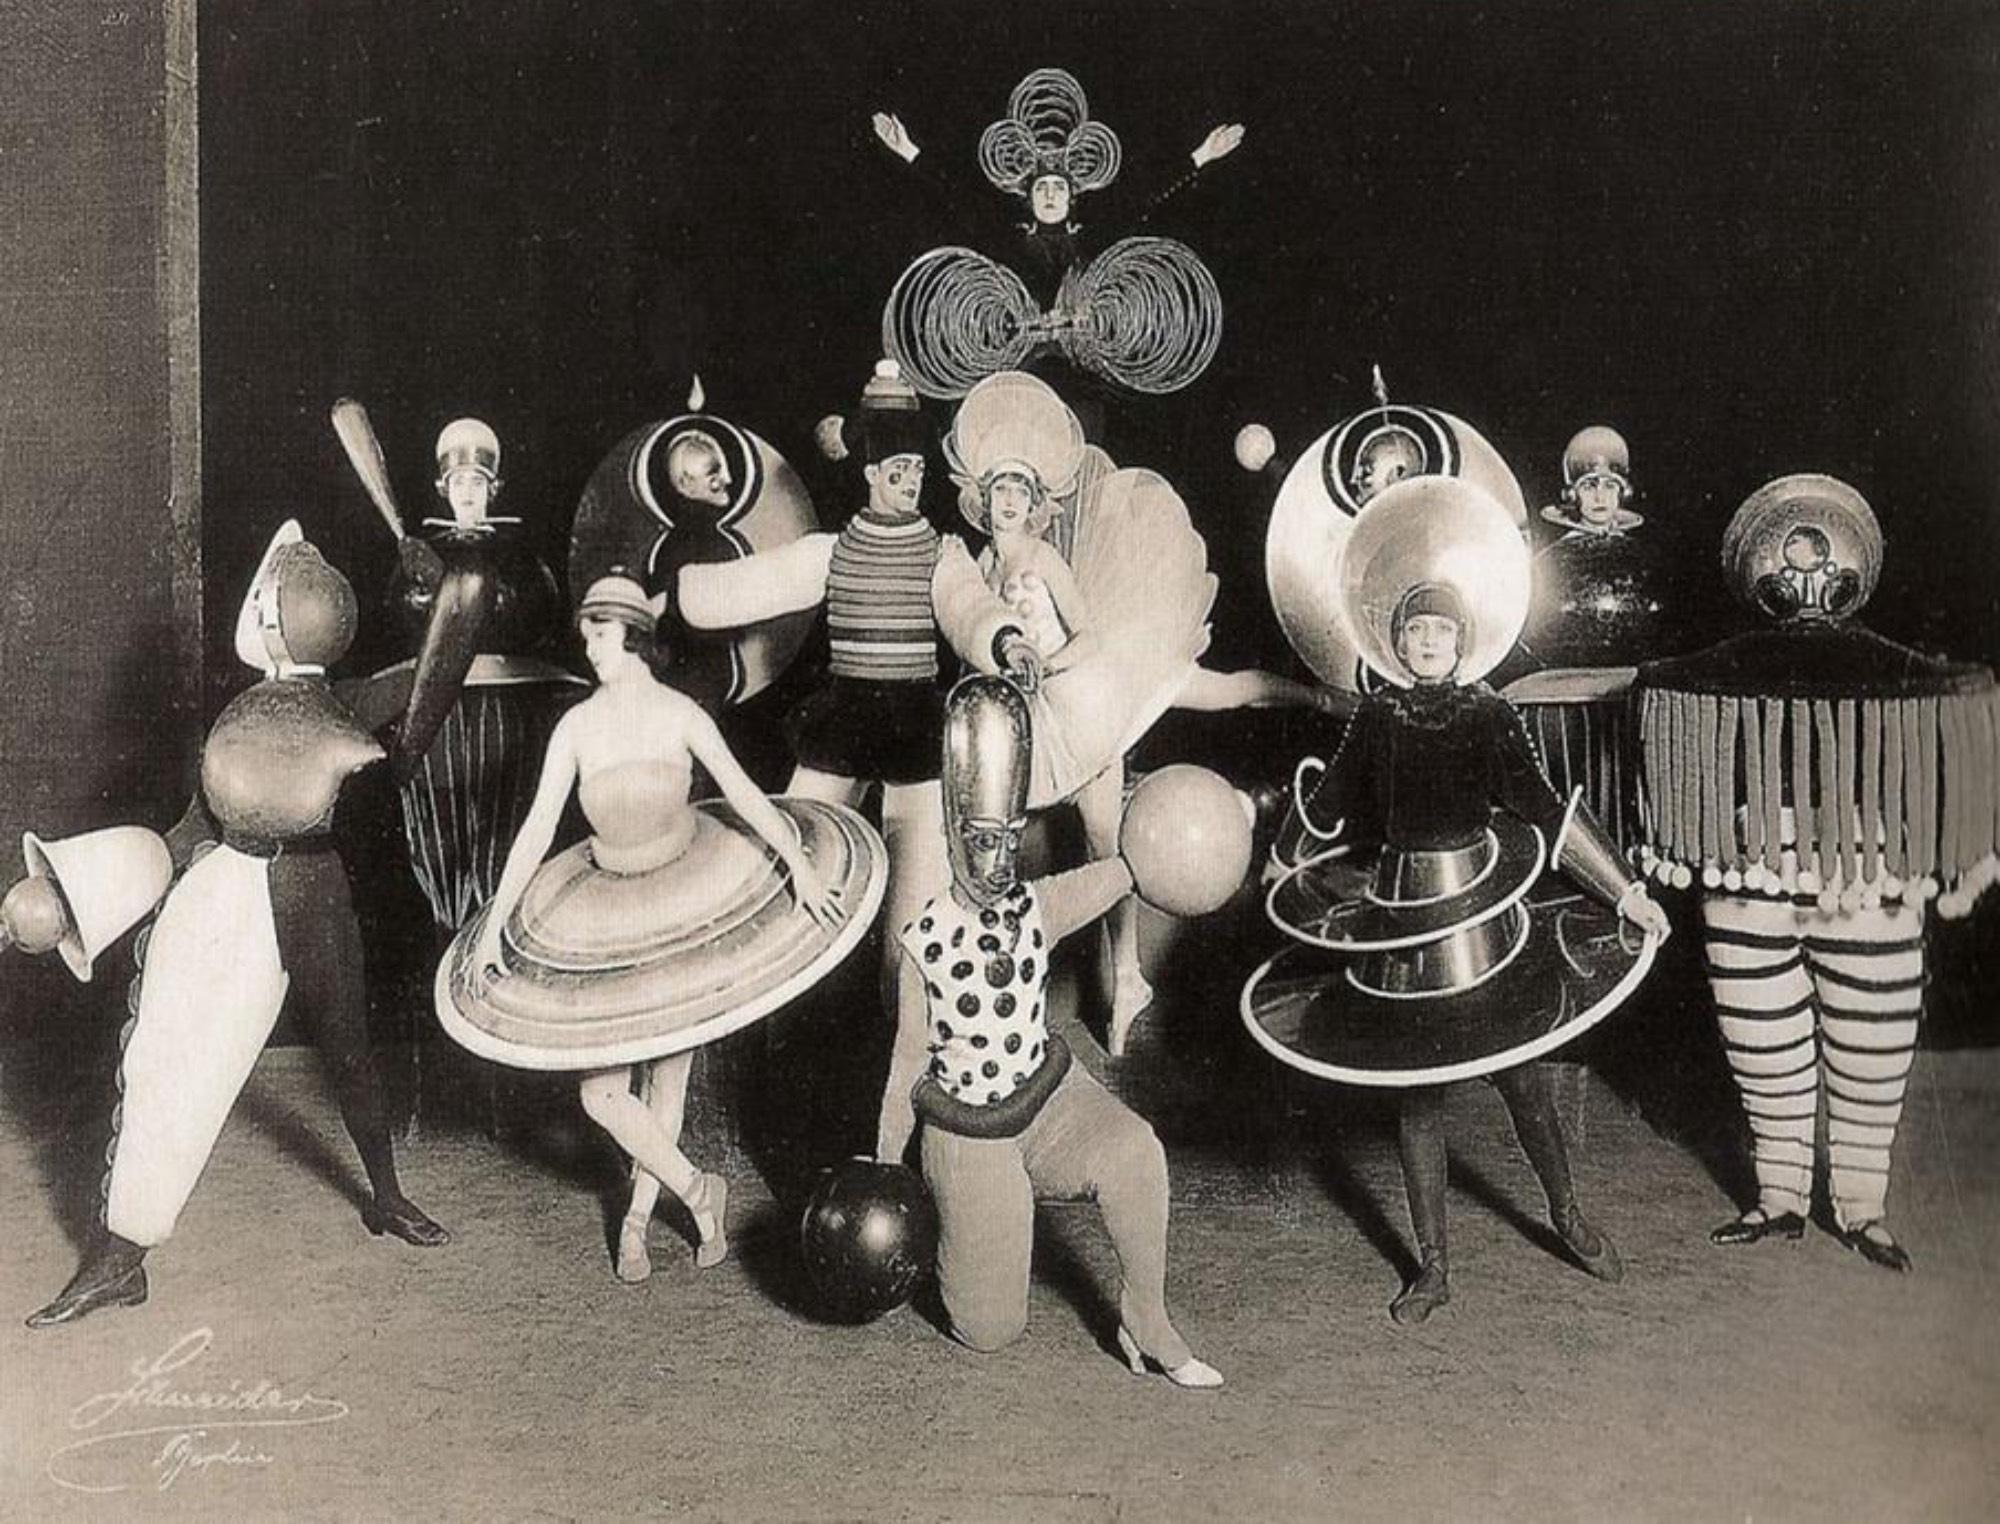 Οι ιστορικές πρωτοπορίες, ο σκηνικός χώρος και τα κοστούμια για το θέατρο και τον χορό